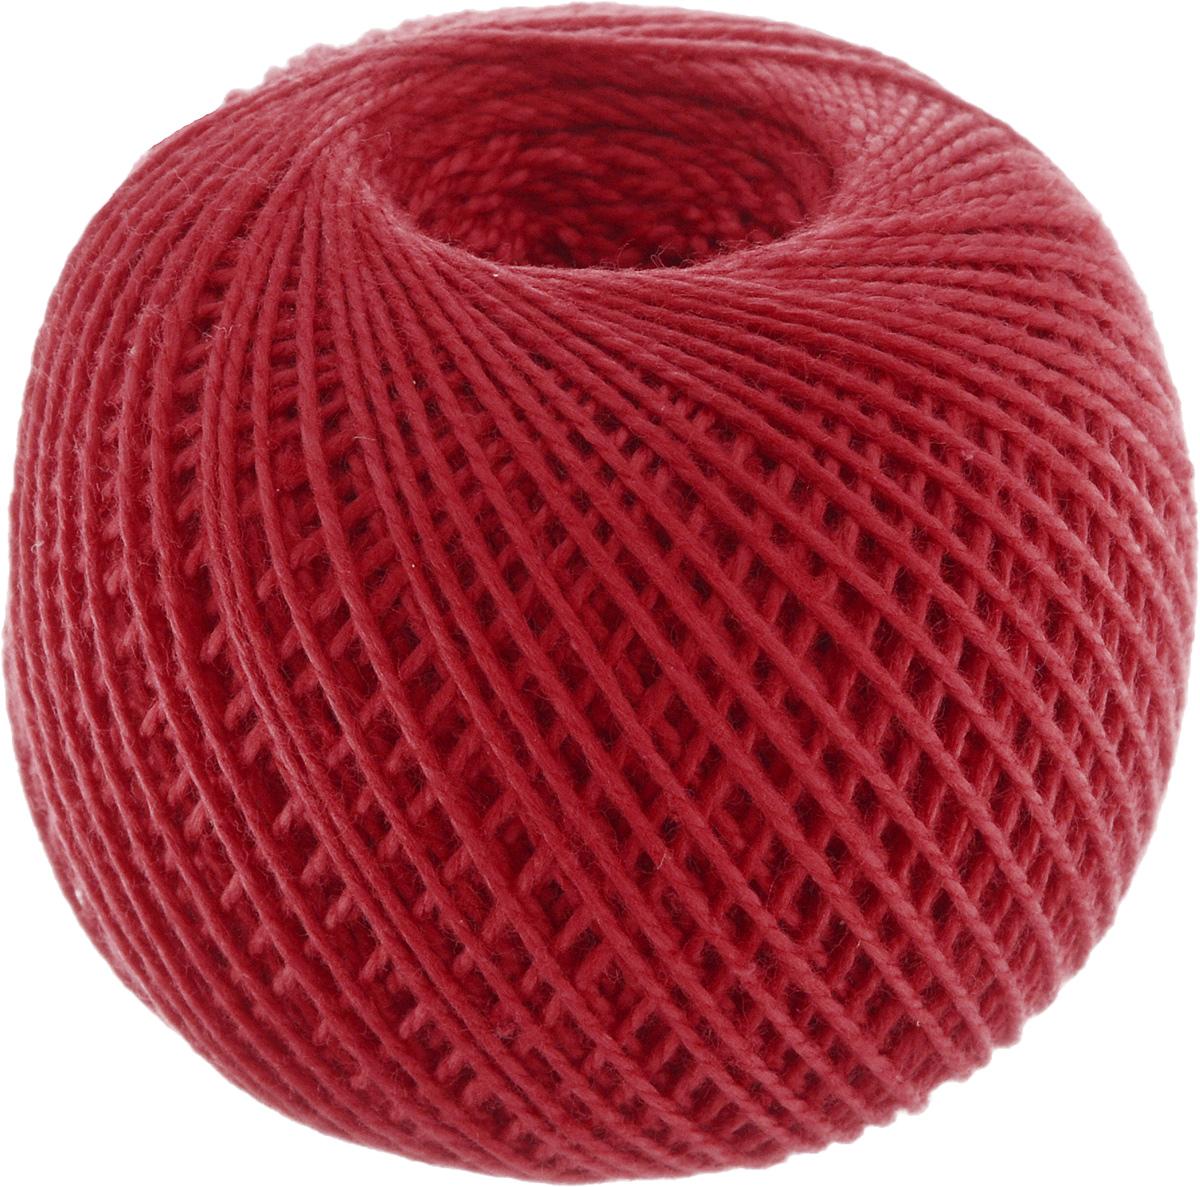 Нитки вязальные Ирис, хлопчатобумажные, цвет: красный (0904), 150 м, 25 г, 6 шт нитки вязальные лотос хлопчатобумажные цвет красный 0904 250 м 100 г 4 шт